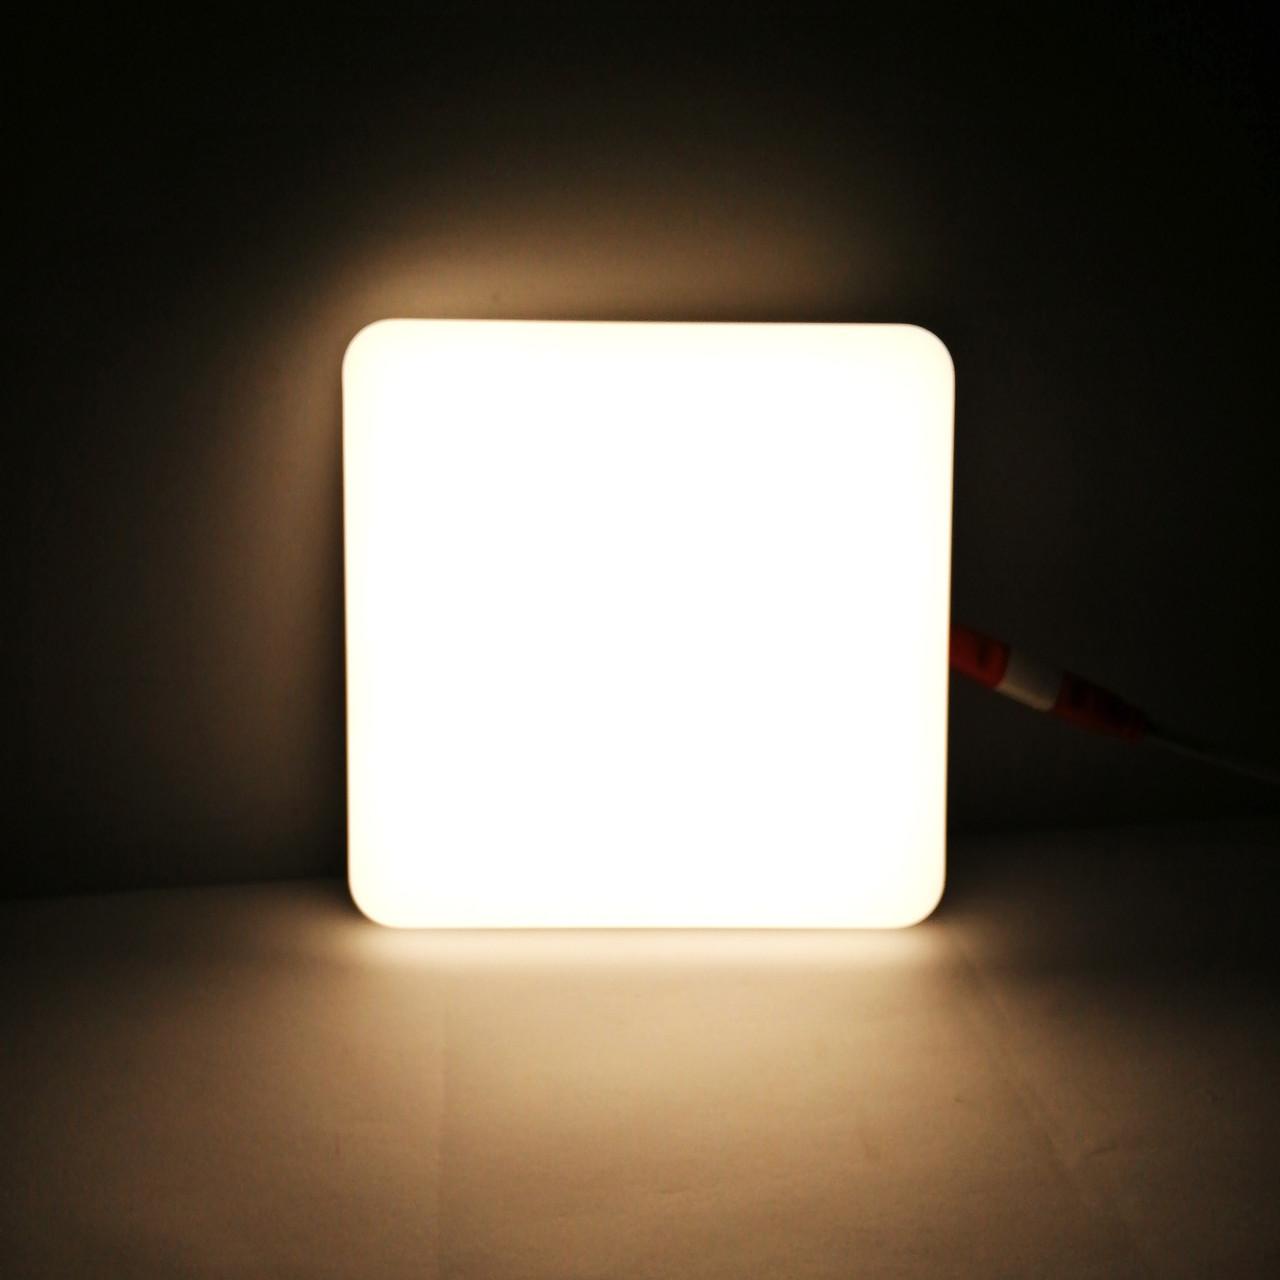 """LED панель  18W 1620LM 4500K  """"Стелс"""" квадрат нейтральный белый Lemanso"""